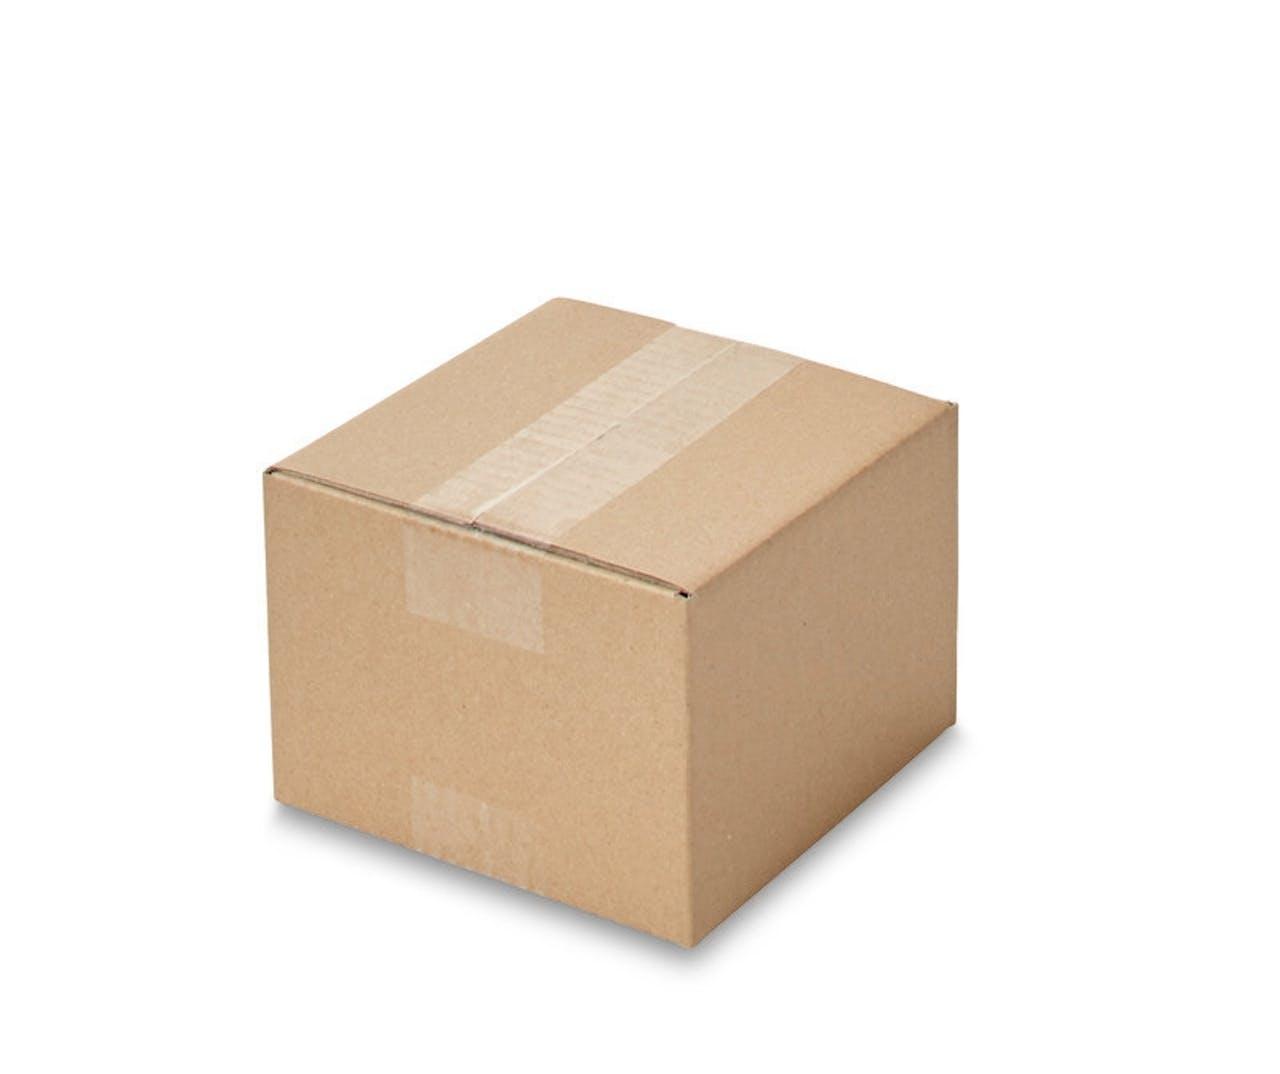 Caisses pliantes carton ondulé ECONOMY, longueur max. de 199mm, Var: eke103